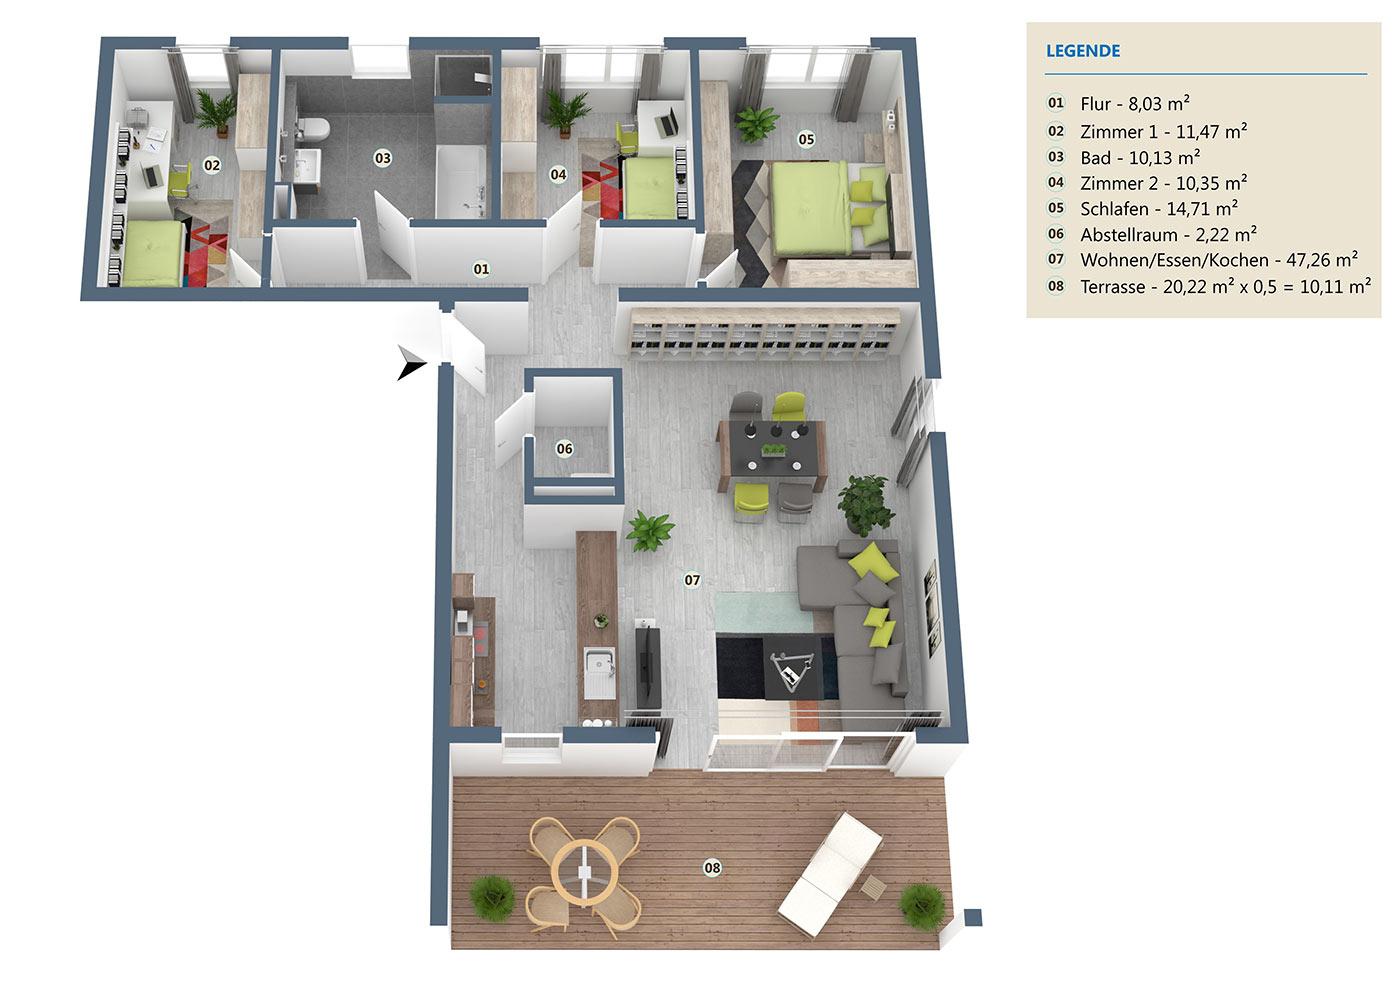 neubau 4 zimmer eigentumswohnung eg 114 m wehr haus. Black Bedroom Furniture Sets. Home Design Ideas